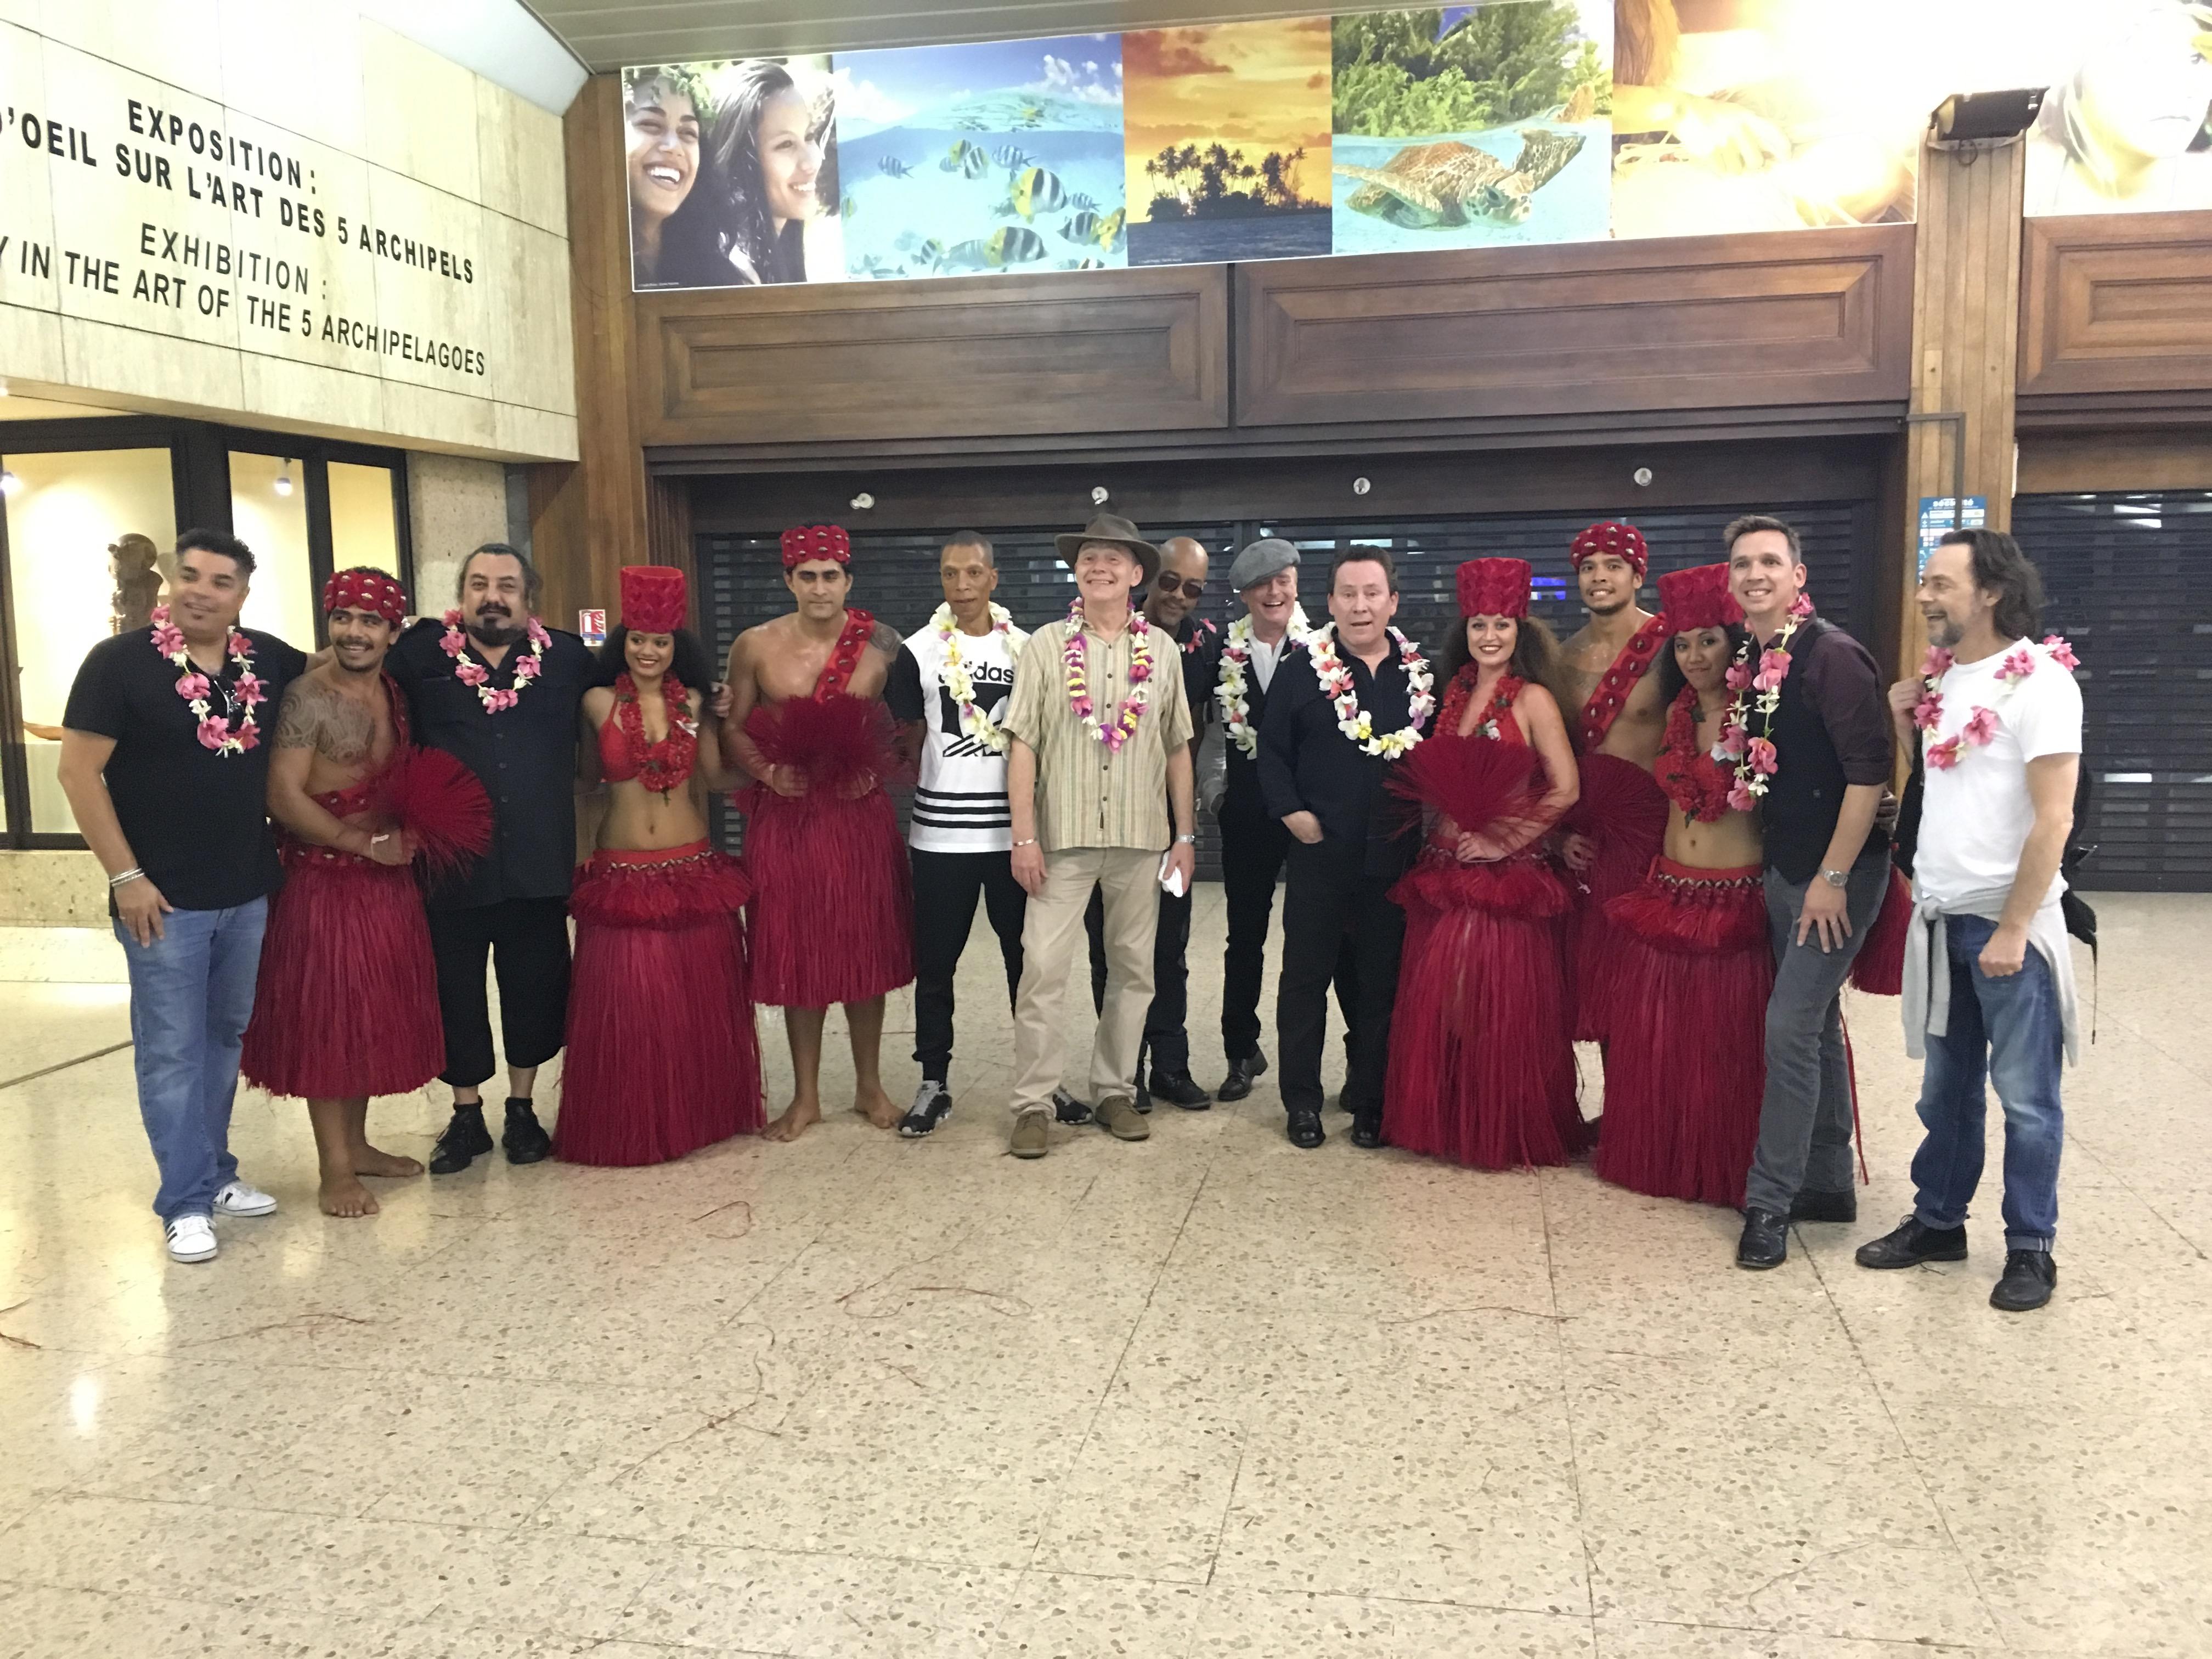 Les membres de UB40 sont arrivés hier soir à Tahiti.